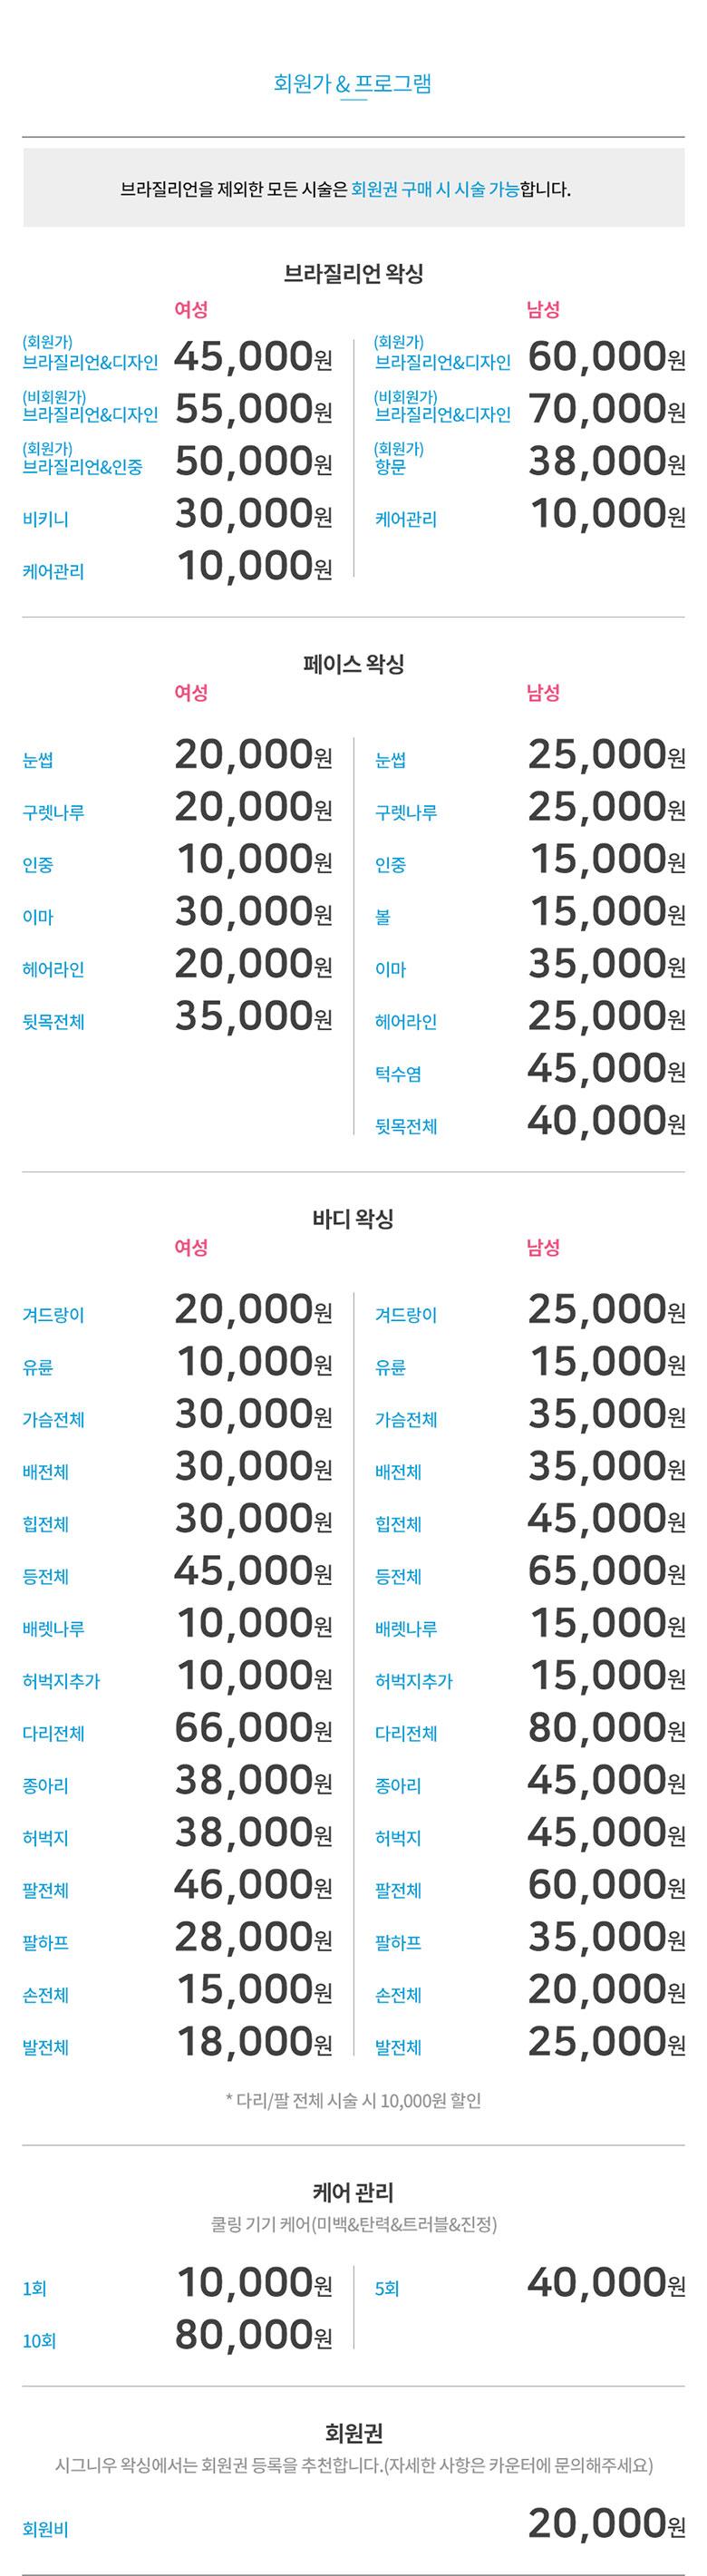 강남왁싱_서울_강남구_논현동_신논현역_시그니우왁싱_업체가격